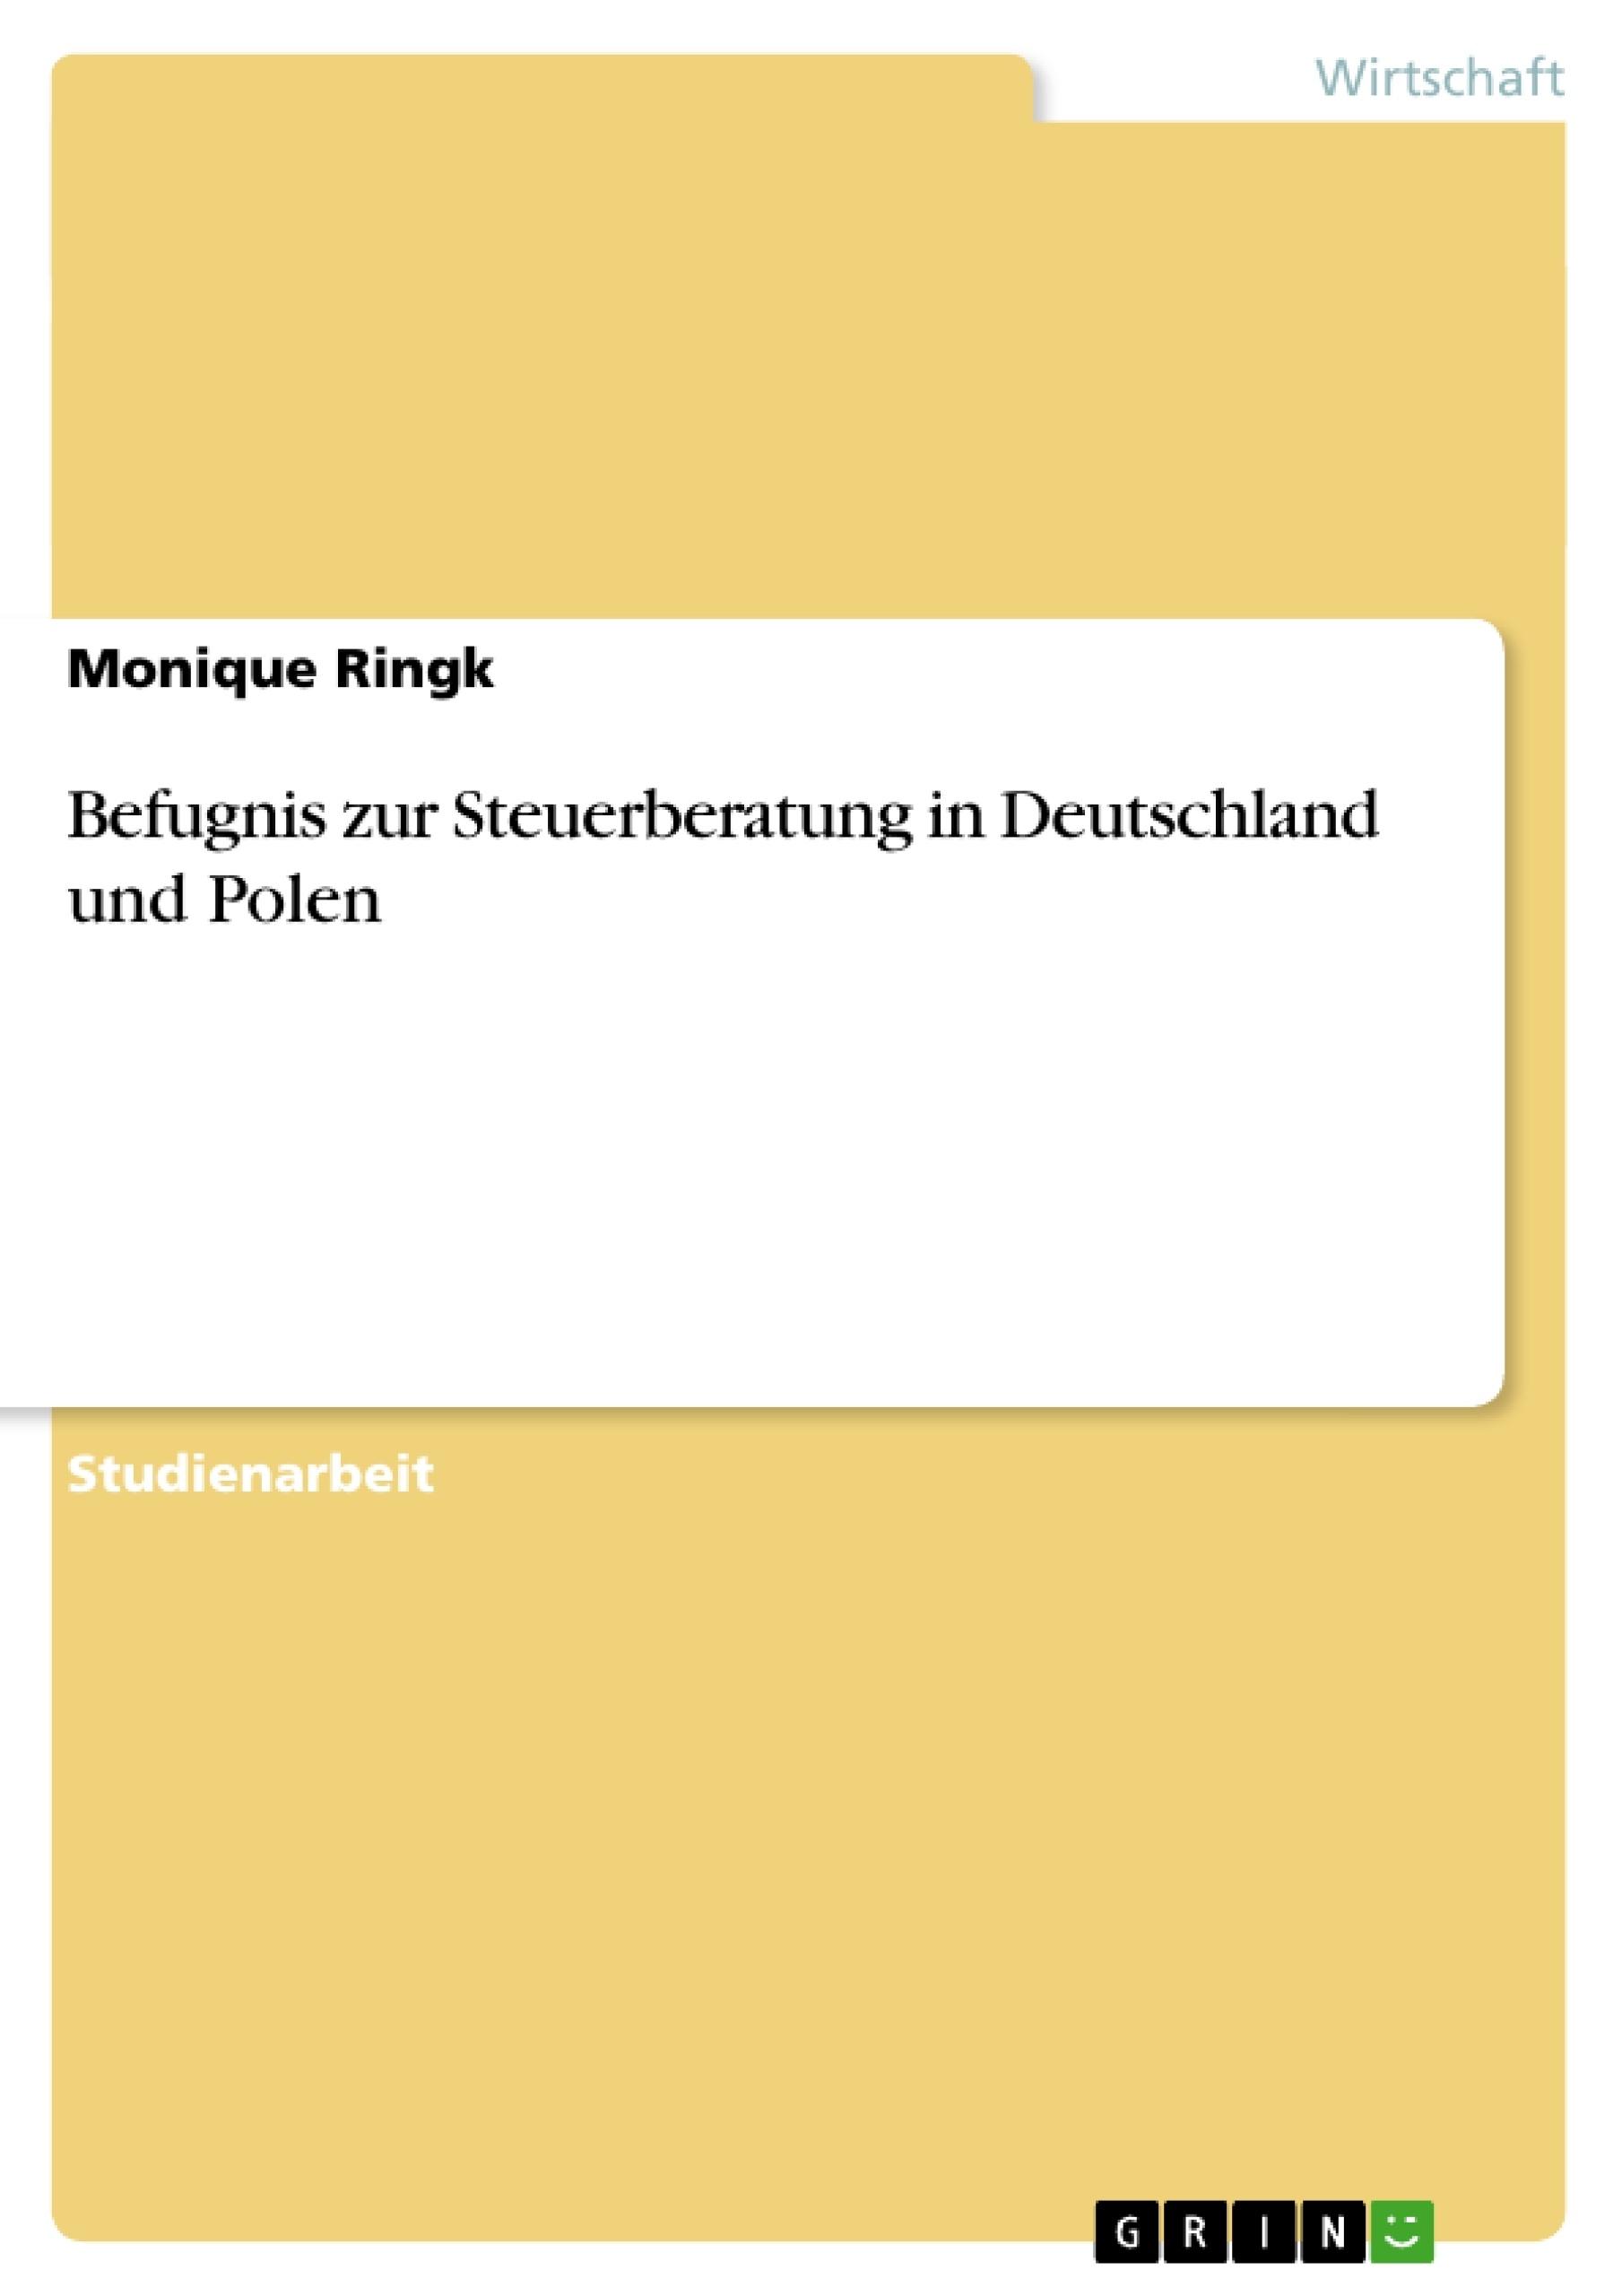 Titel: Befugnis zur Steuerberatung in Deutschland und Polen